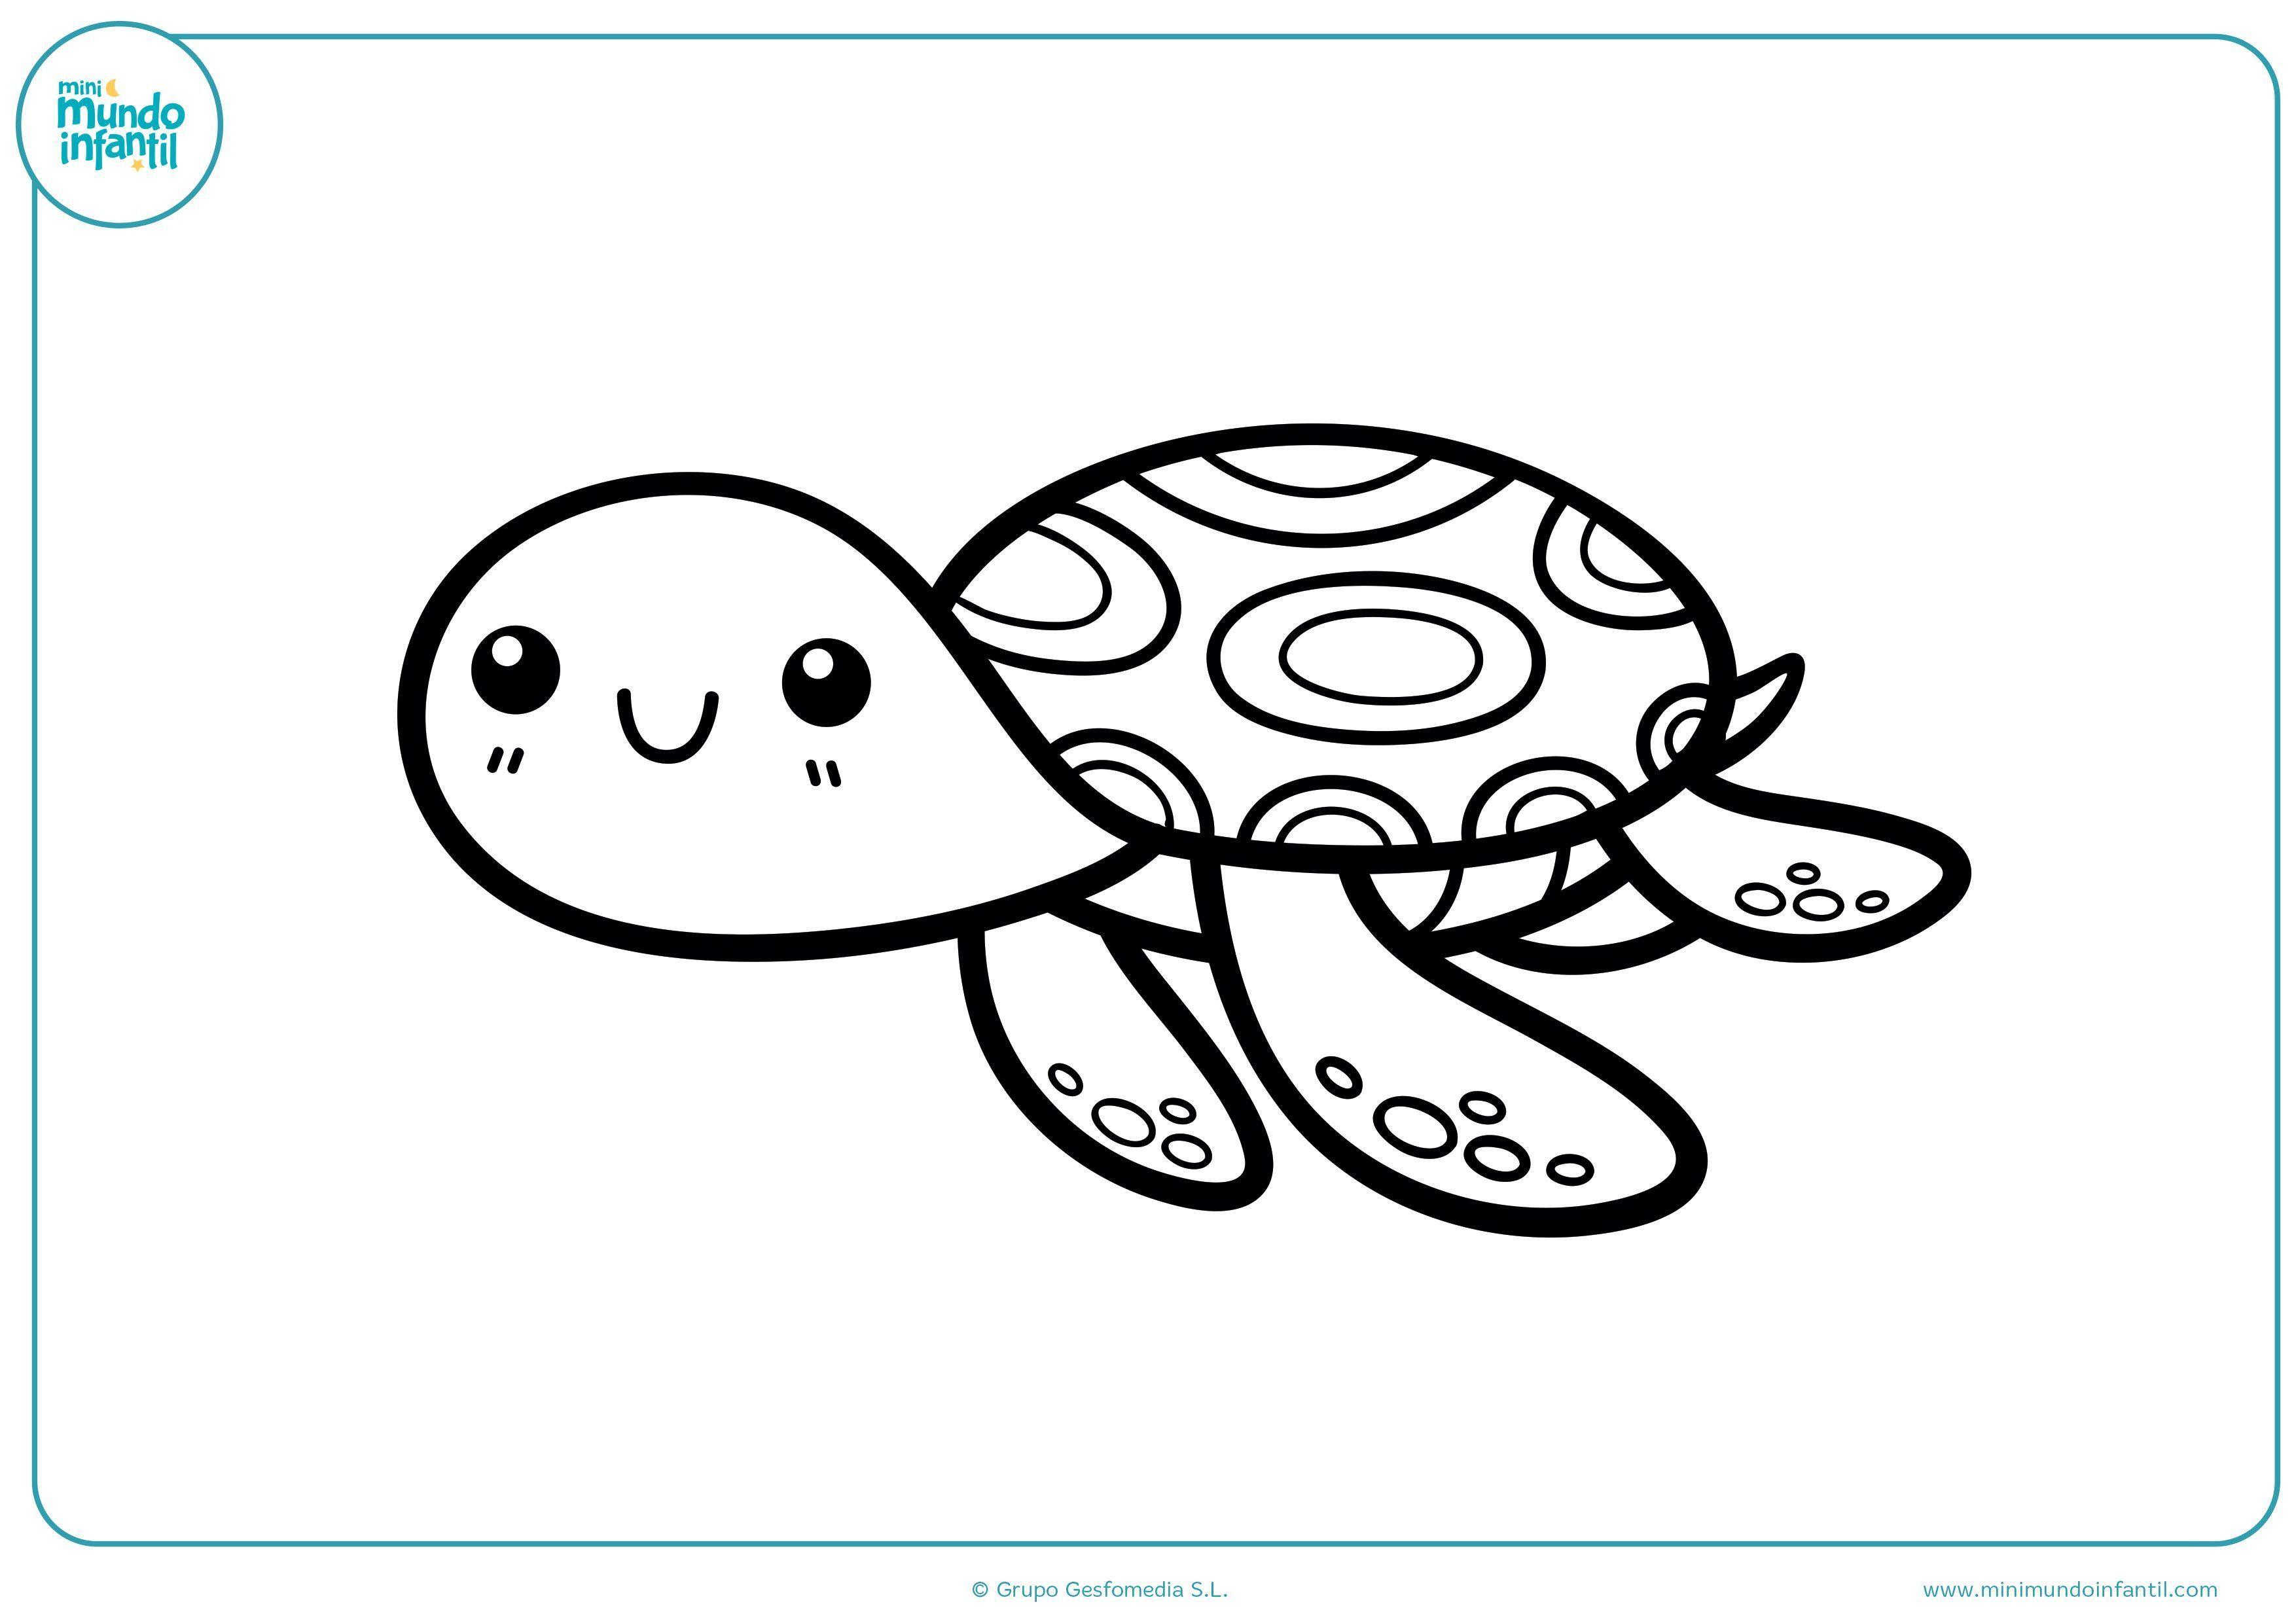 Dibujos Para Colorear De Animales Marinos Mundo Primario Dibujos Para Colorear Dibujos Para En 2020 Animales Marinos Dibujos De Animales Animales Acuaticos